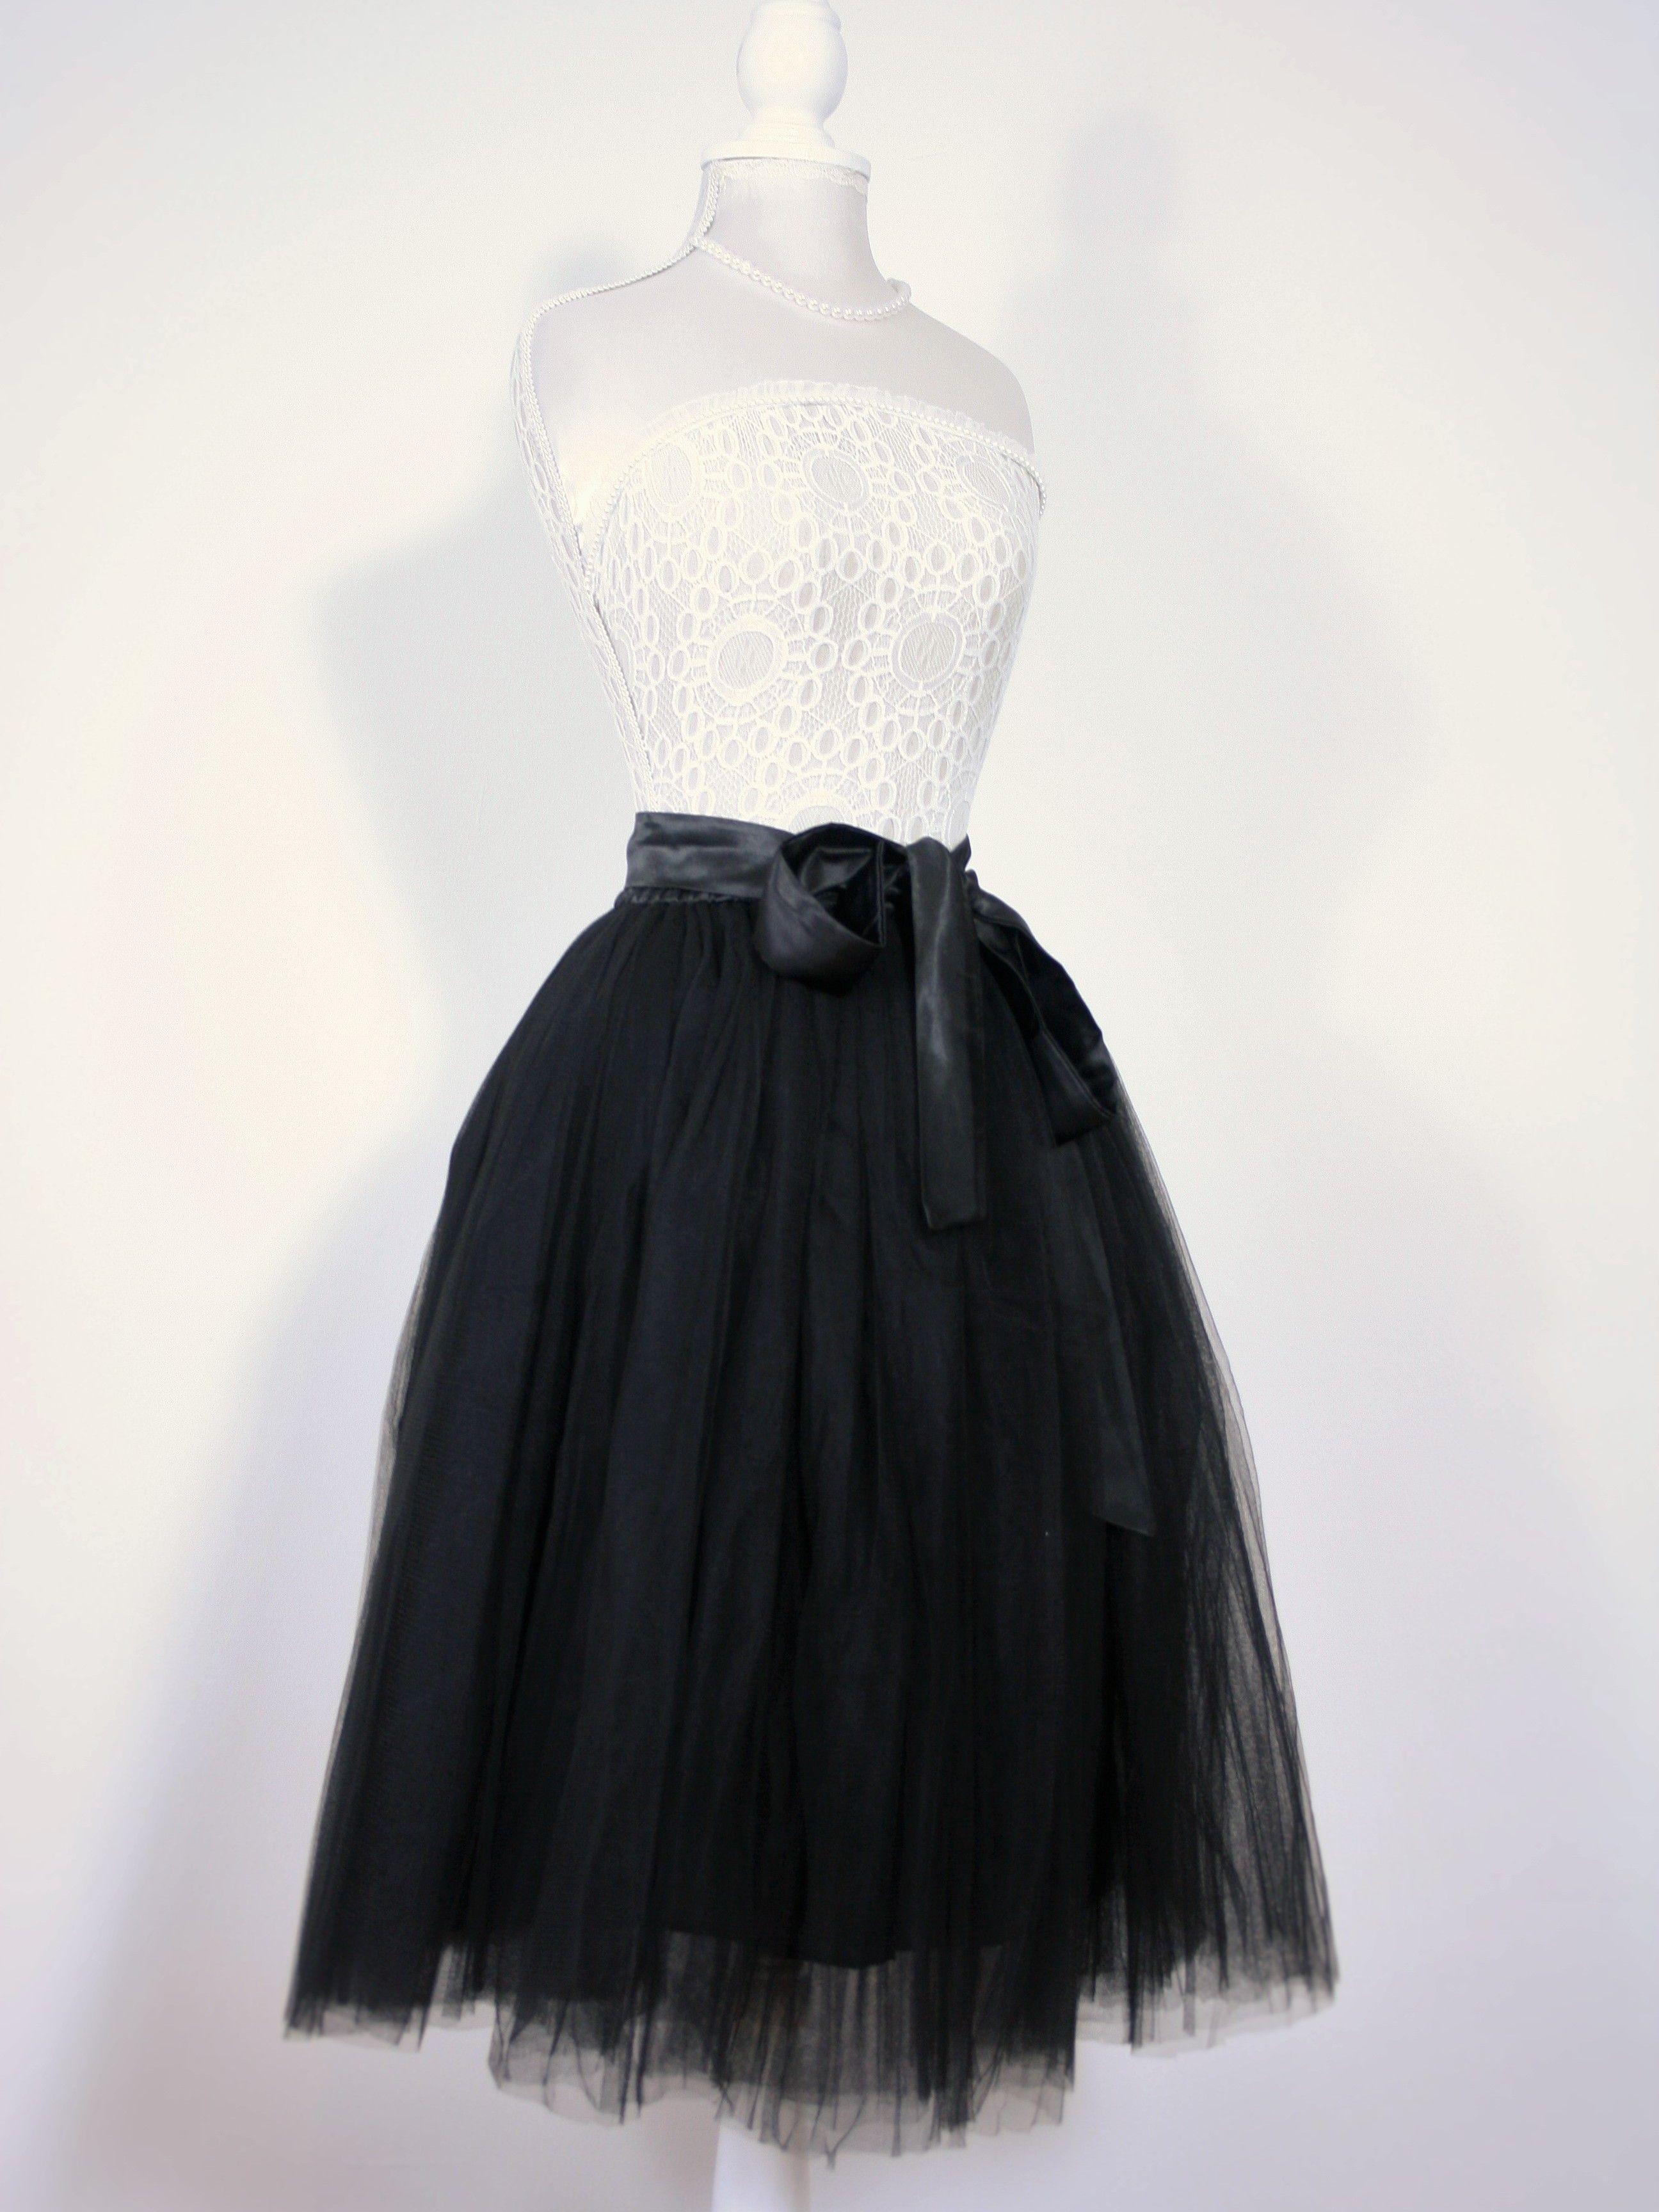 1ef6632cebcc40 Elsie's Attic own label netted tutu skirt! Cute black midi tulle tutu style  skirt.